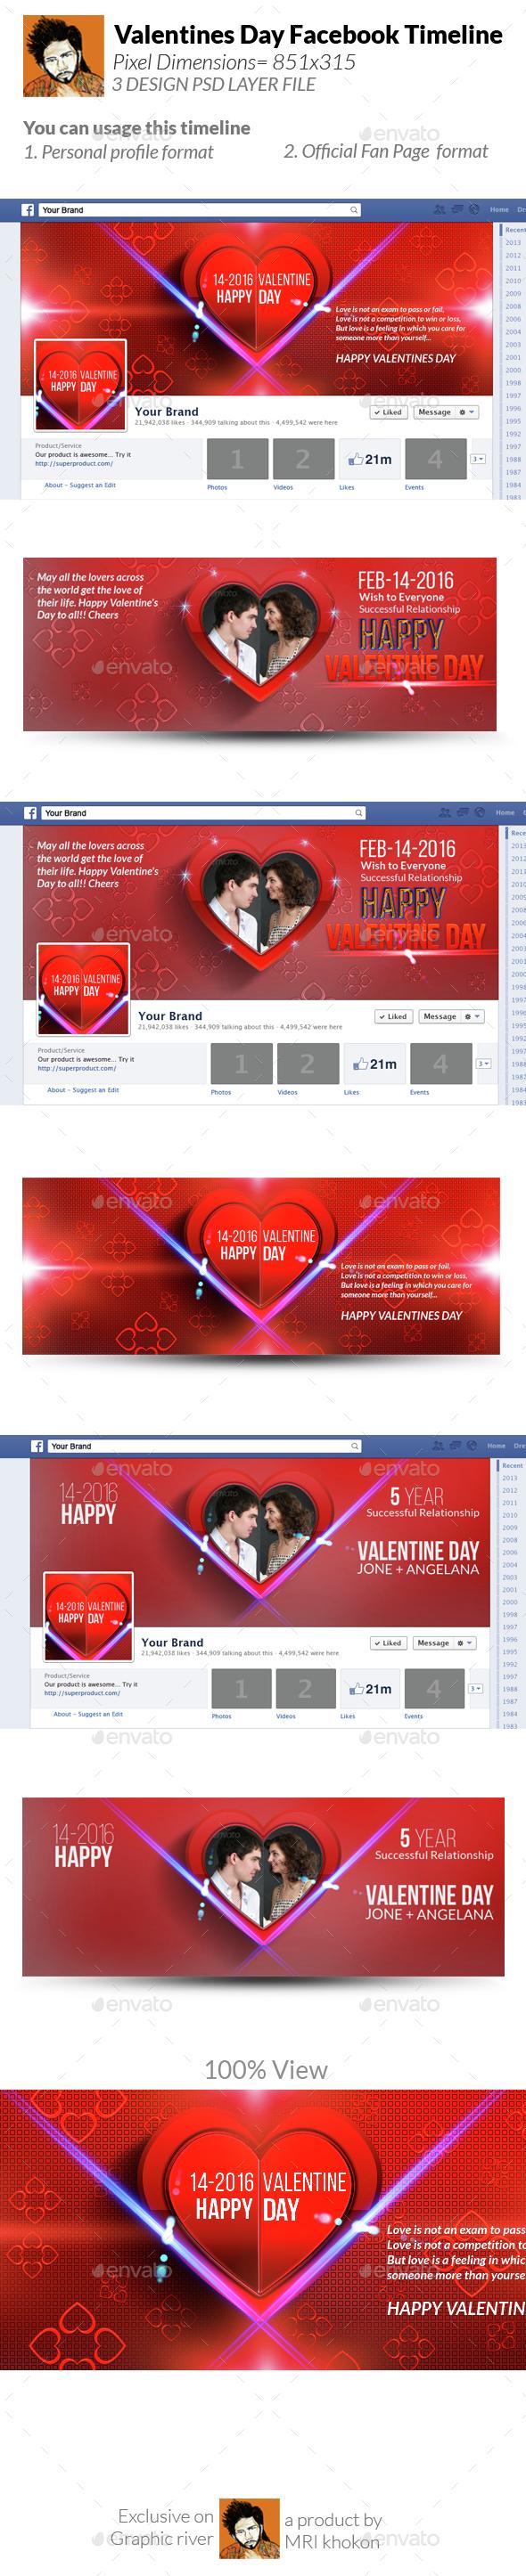 Valentines Facebook Timeline Cover - Facebook Timeline Covers Social Media